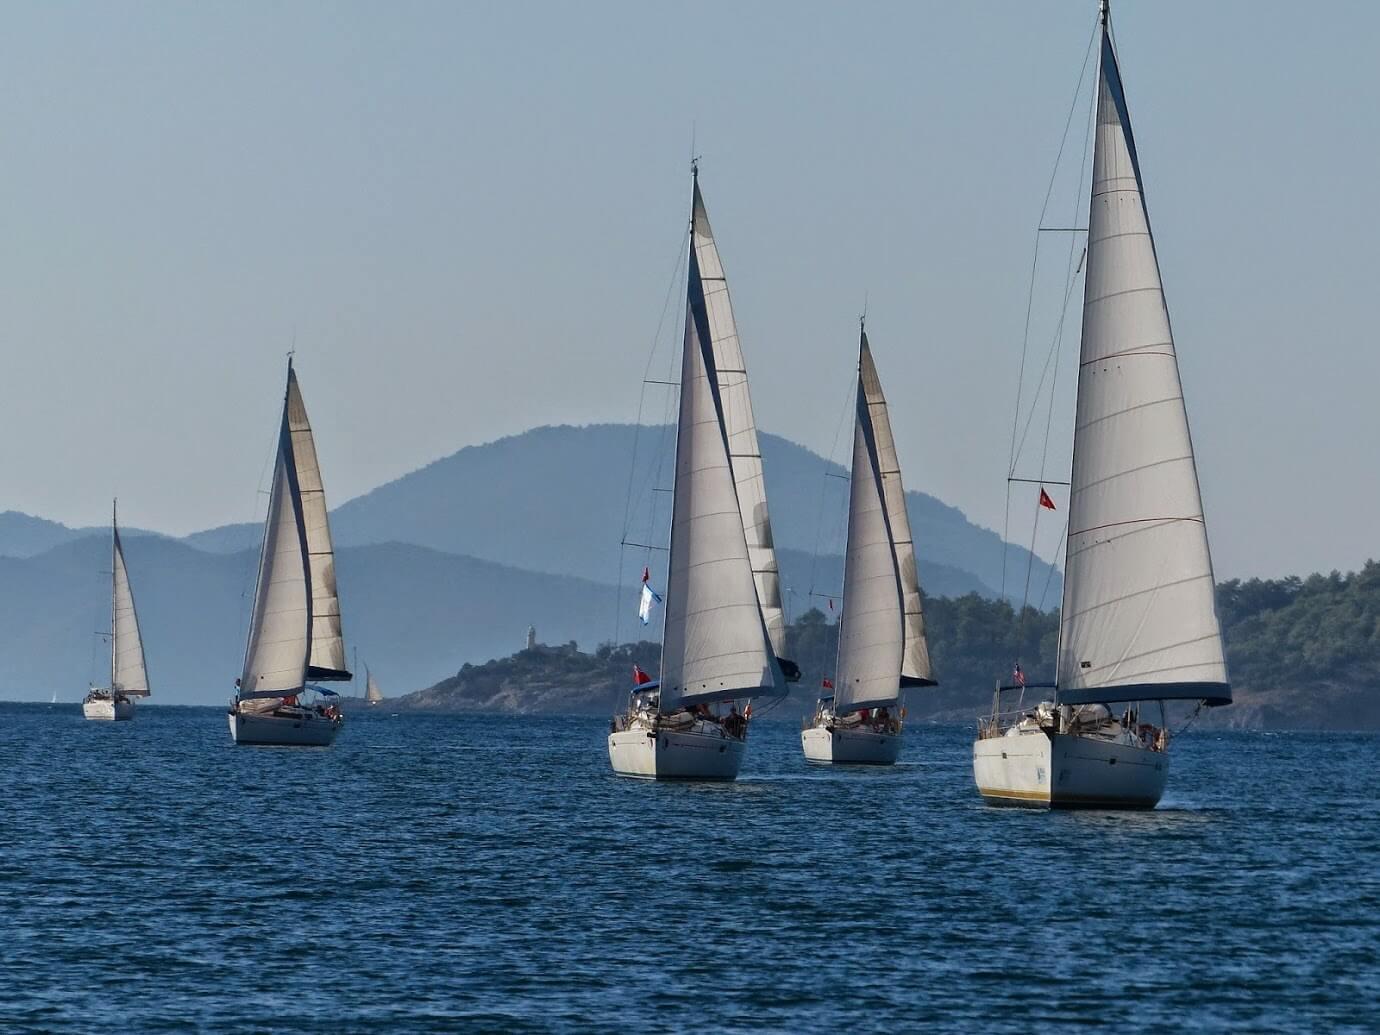 Mehrere Segelboote auf dem Meer